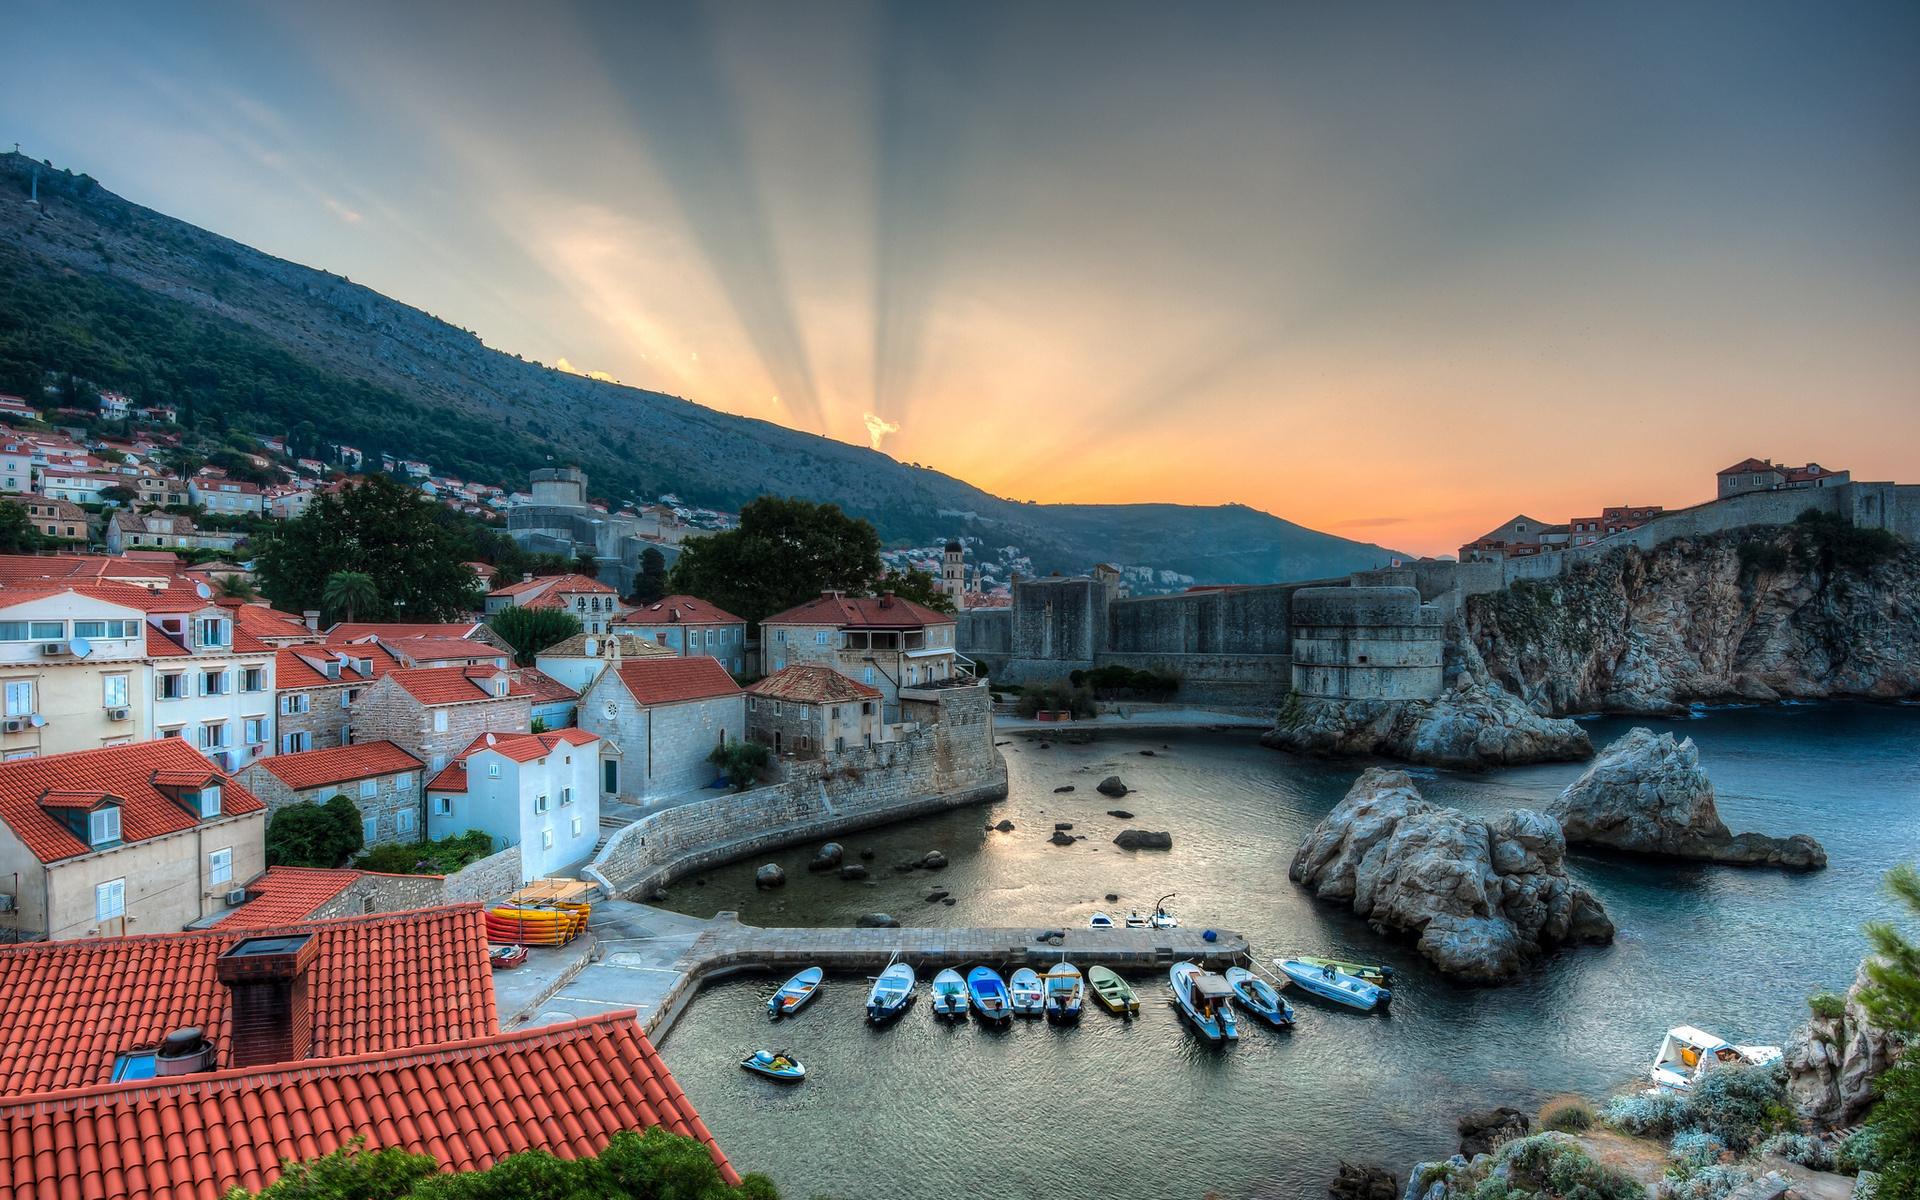 В Хорватии в сентябре еще бархатный сезон, но снижение спроса понижает цены